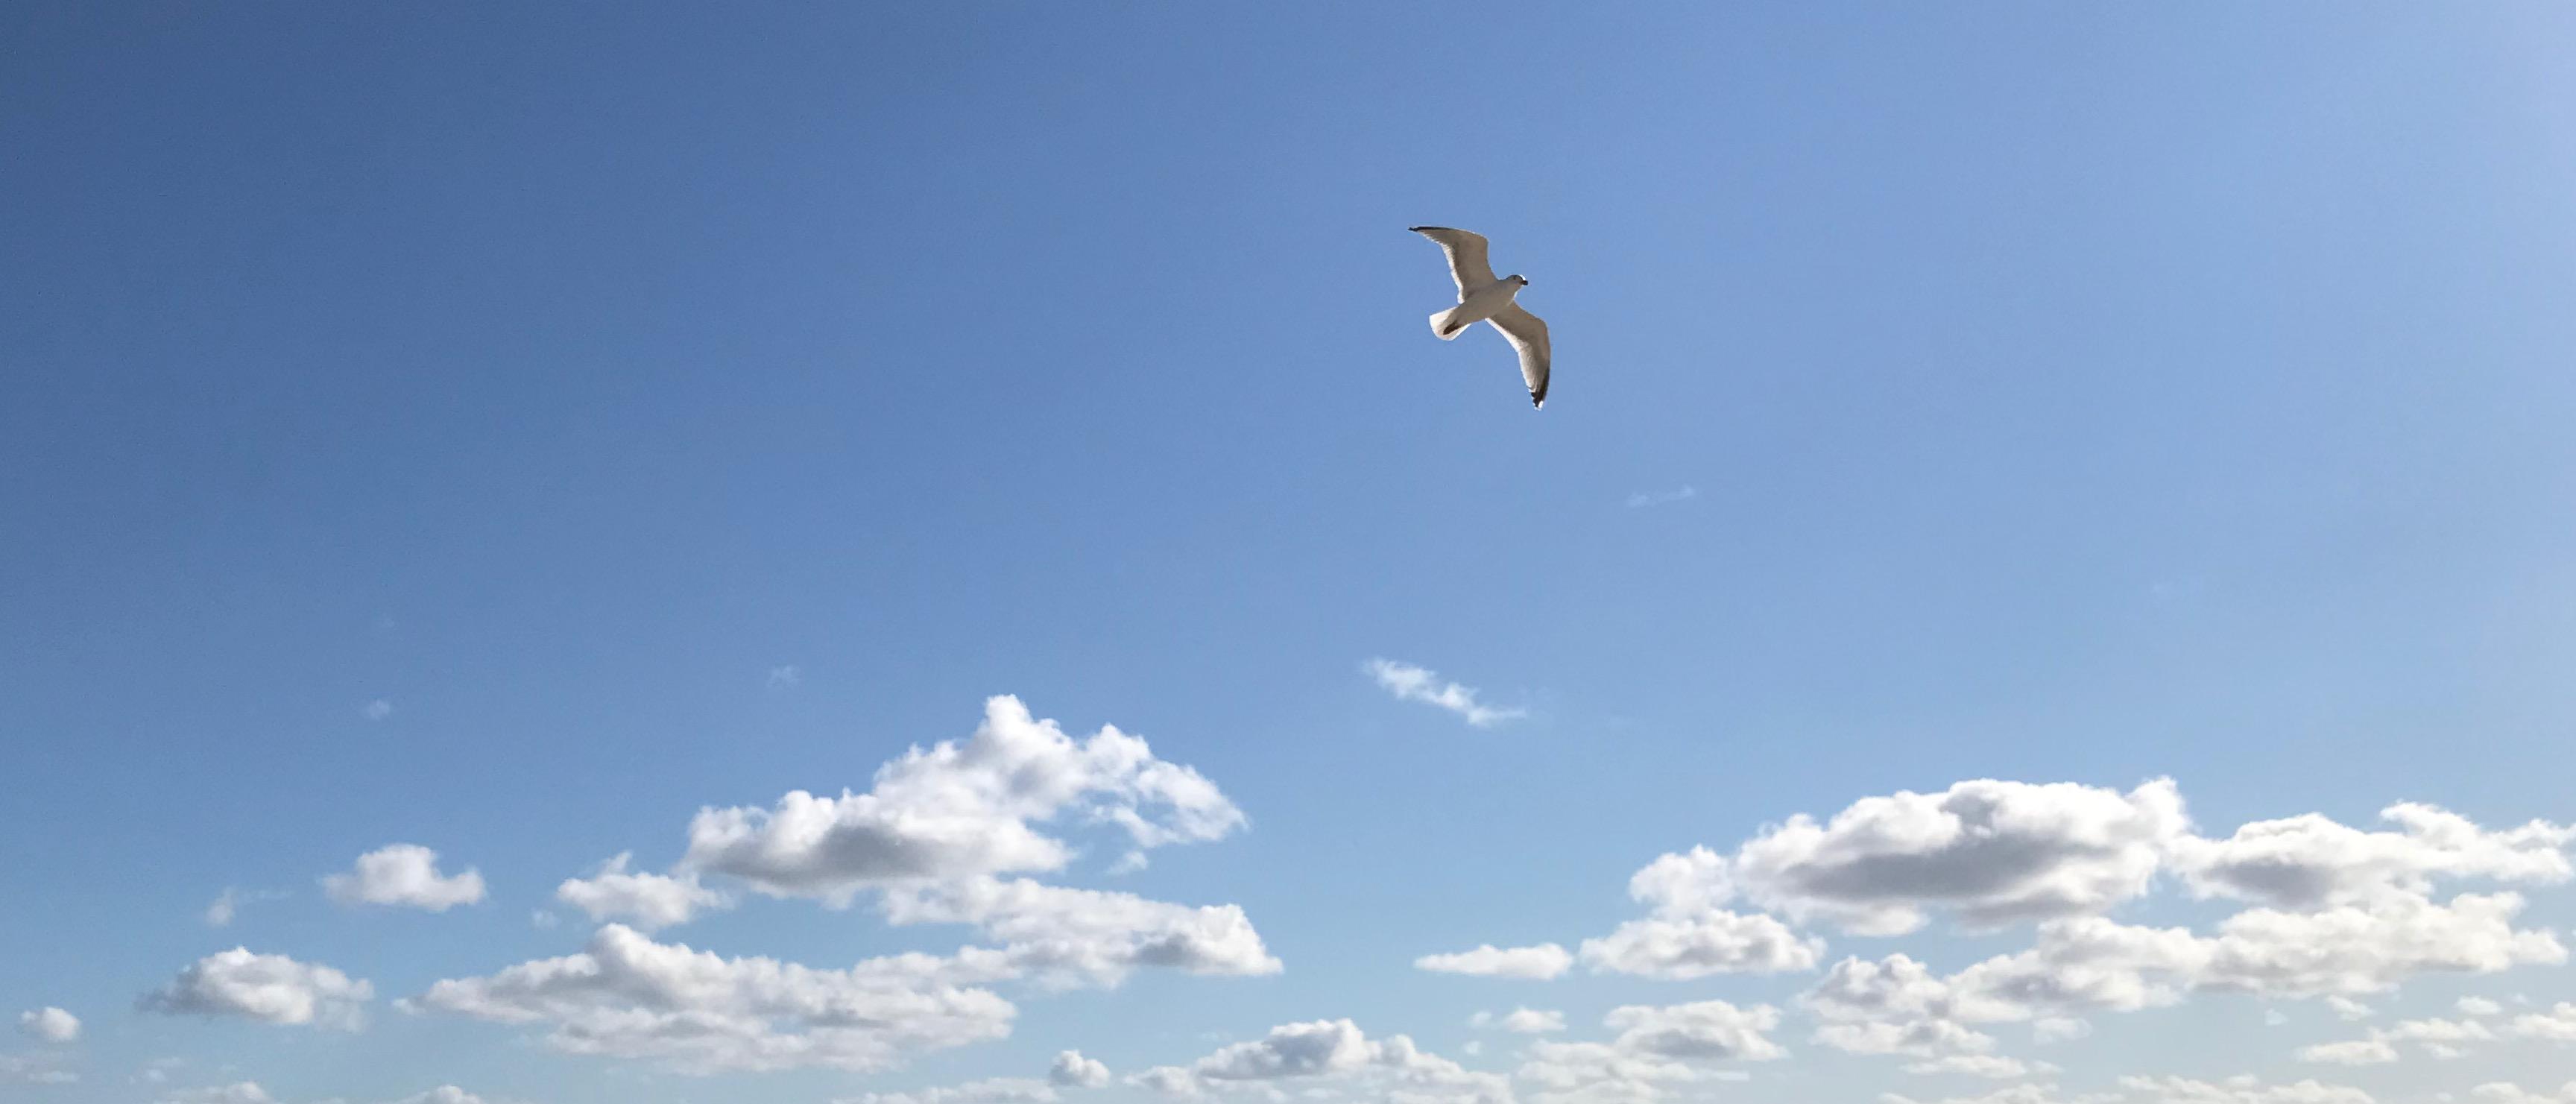 Eine Möwe gleitend im Wind im Gegenlicht am blauen Himmel.